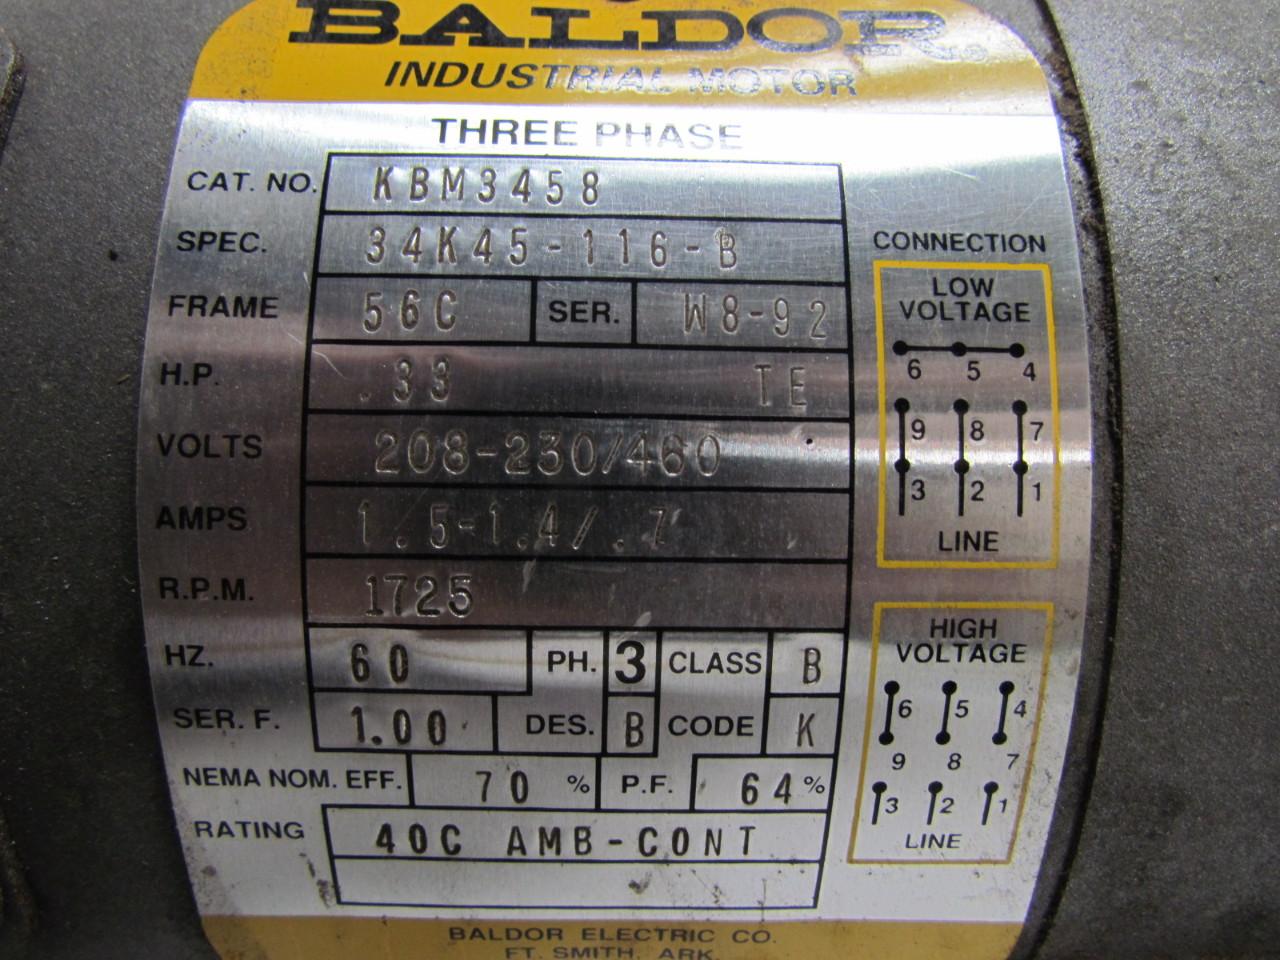 Baldor kbm3458 electric motor 3ph 33 hp 1725 rpm 208 230 for 9 hp electric motor